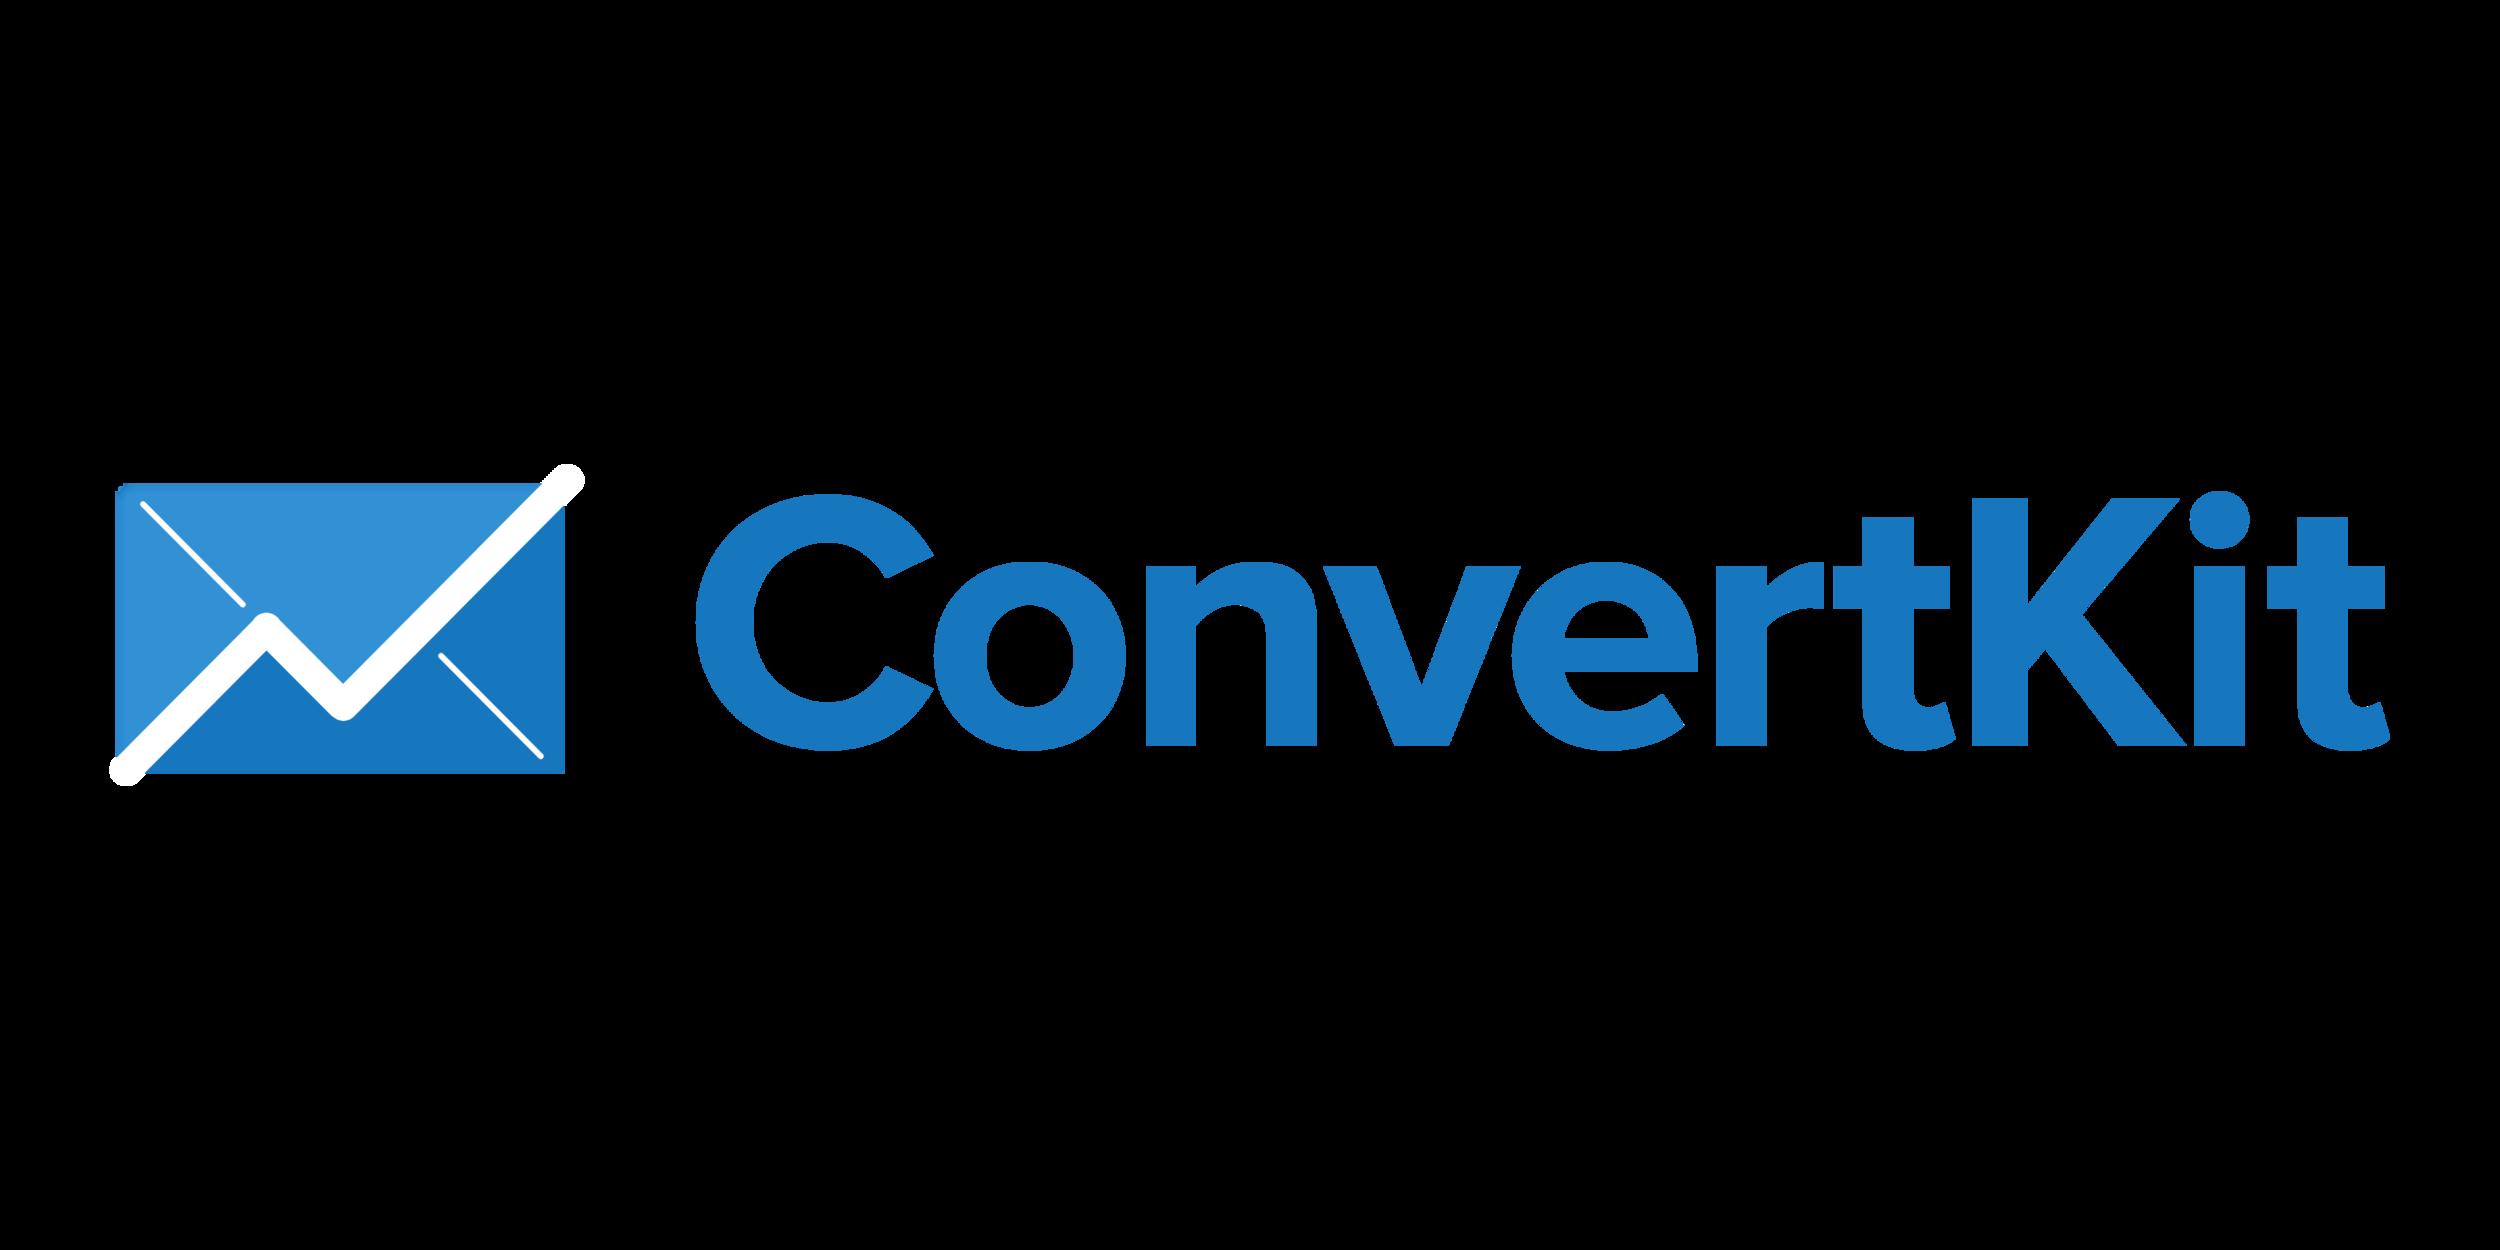 convertkit-logo.png